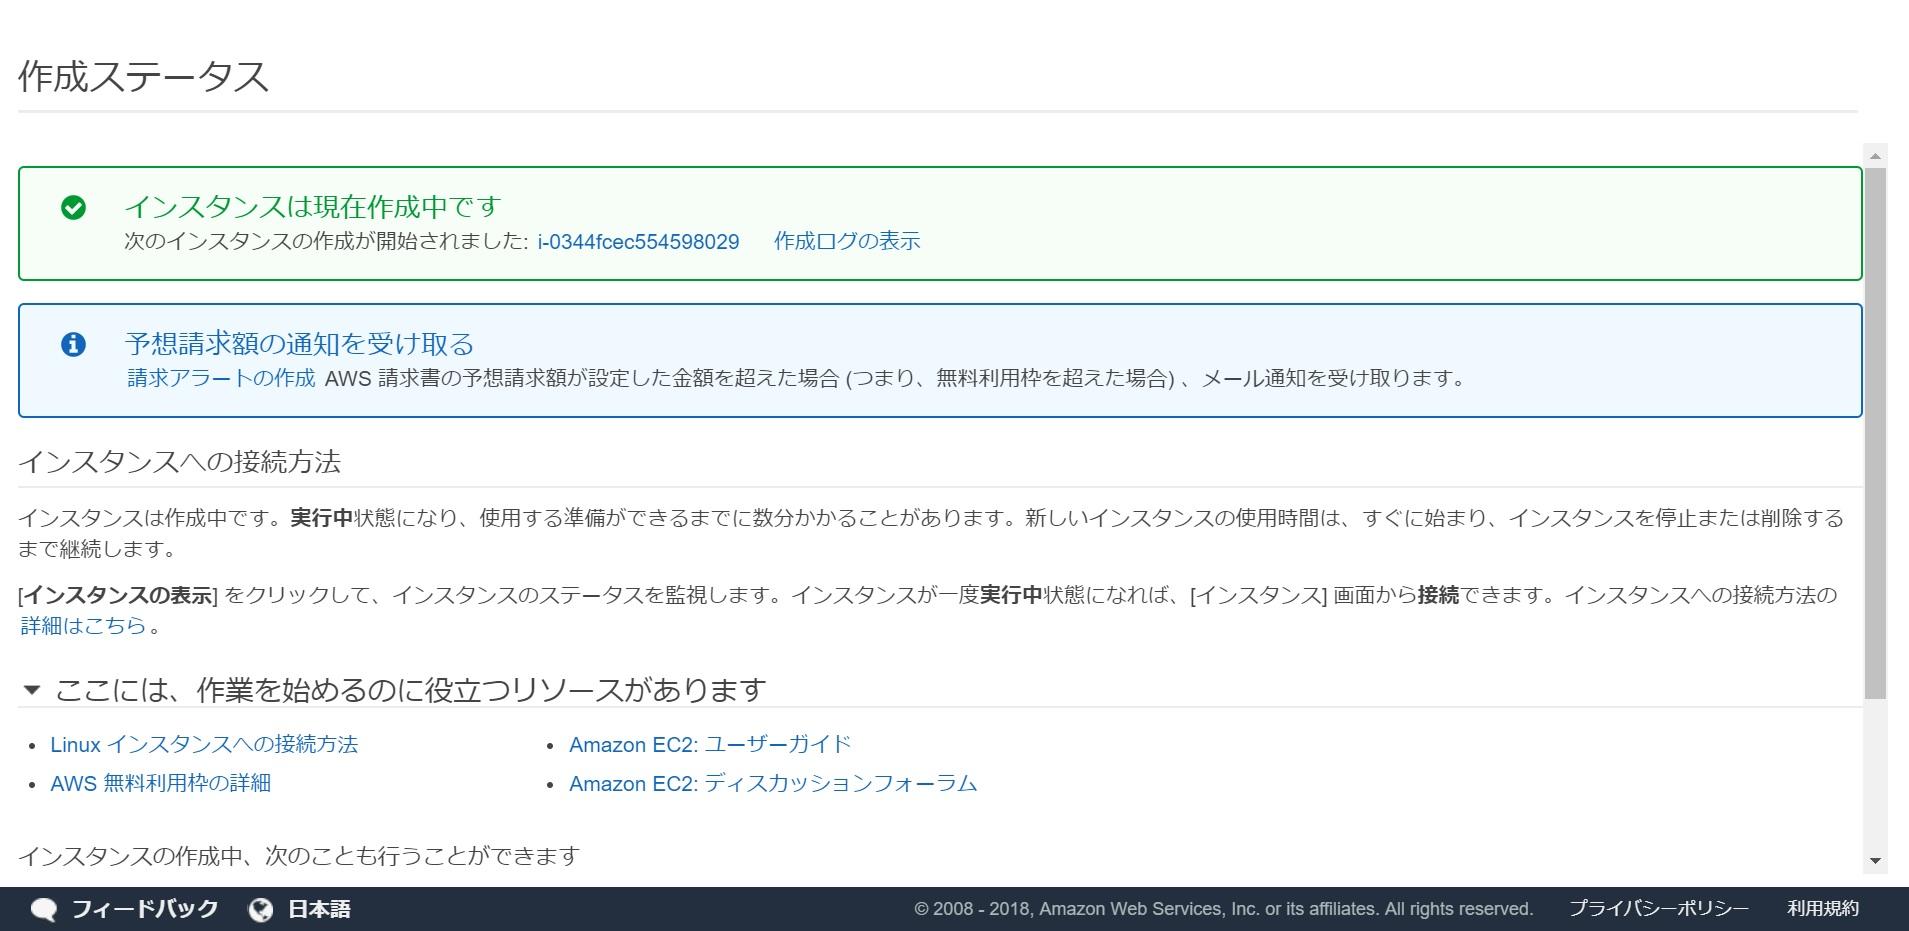 11.インスタンス作成中.jpg